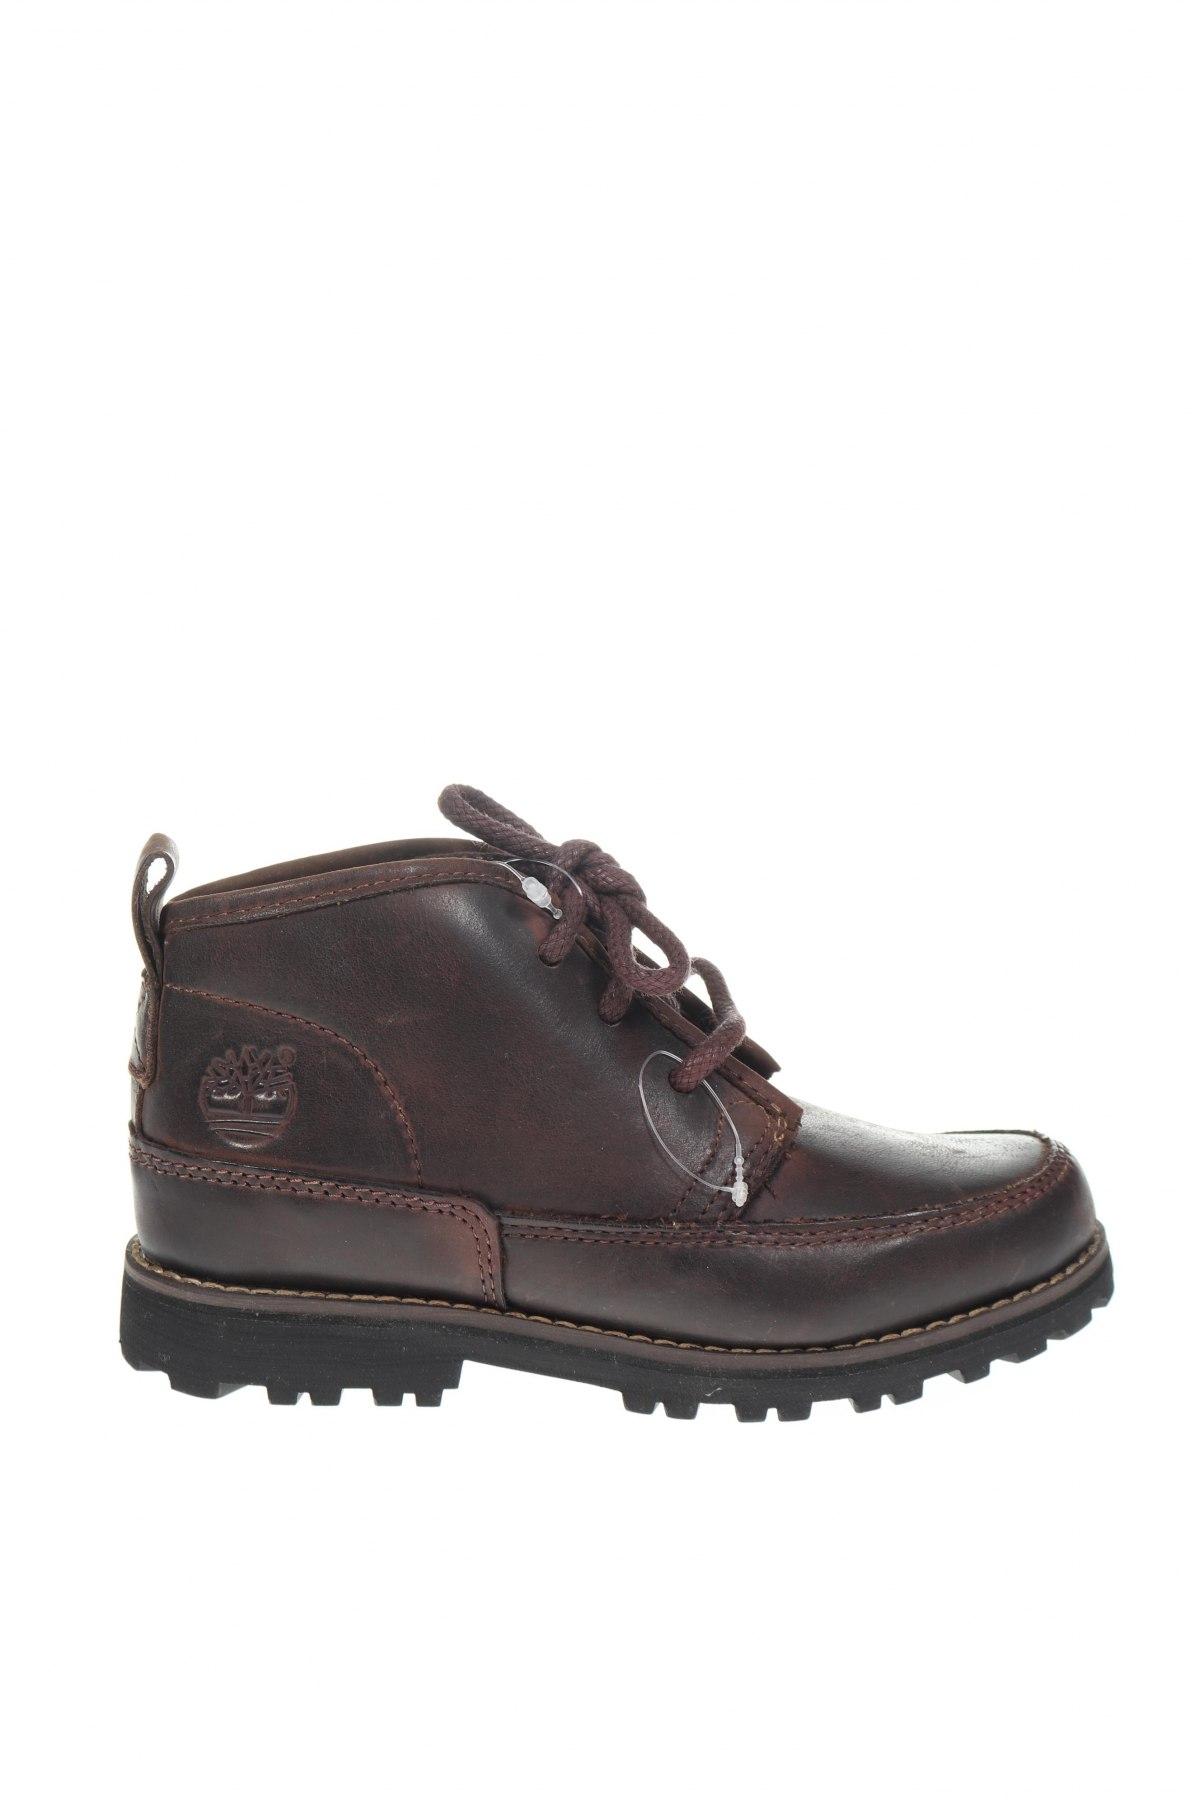 Παιδικά παπούτσια Timberland, Μέγεθος 30, Χρώμα Καφέ, Γνήσιο δέρμα, Τιμή 63,93€